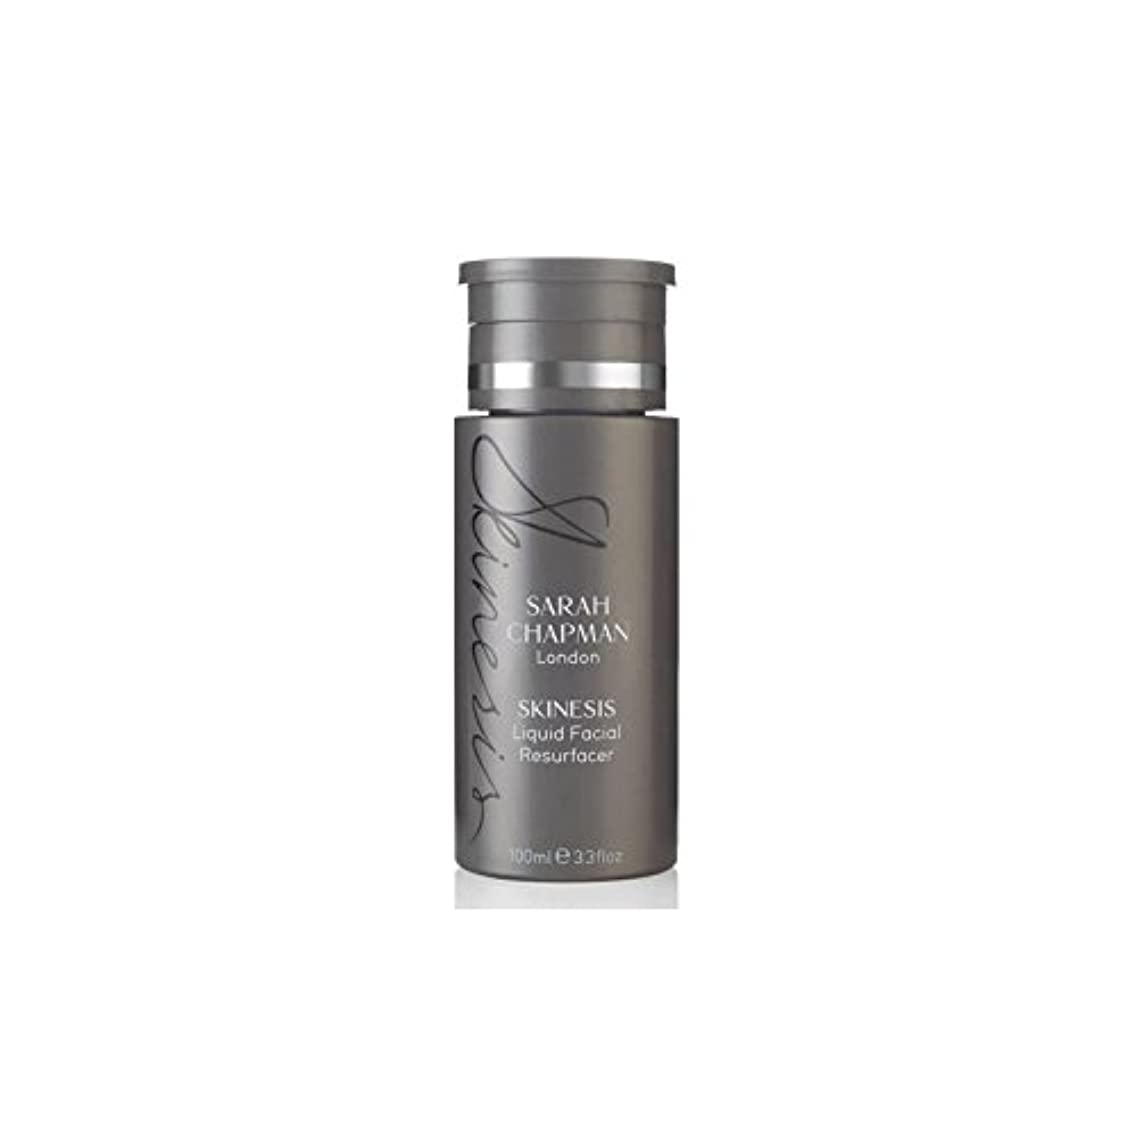 サラチャップマン液体顔(100)に x2 - Sarah Chapman Skinesis Liquid Facial Resurfacer (100ml) (Pack of 2) [並行輸入品]